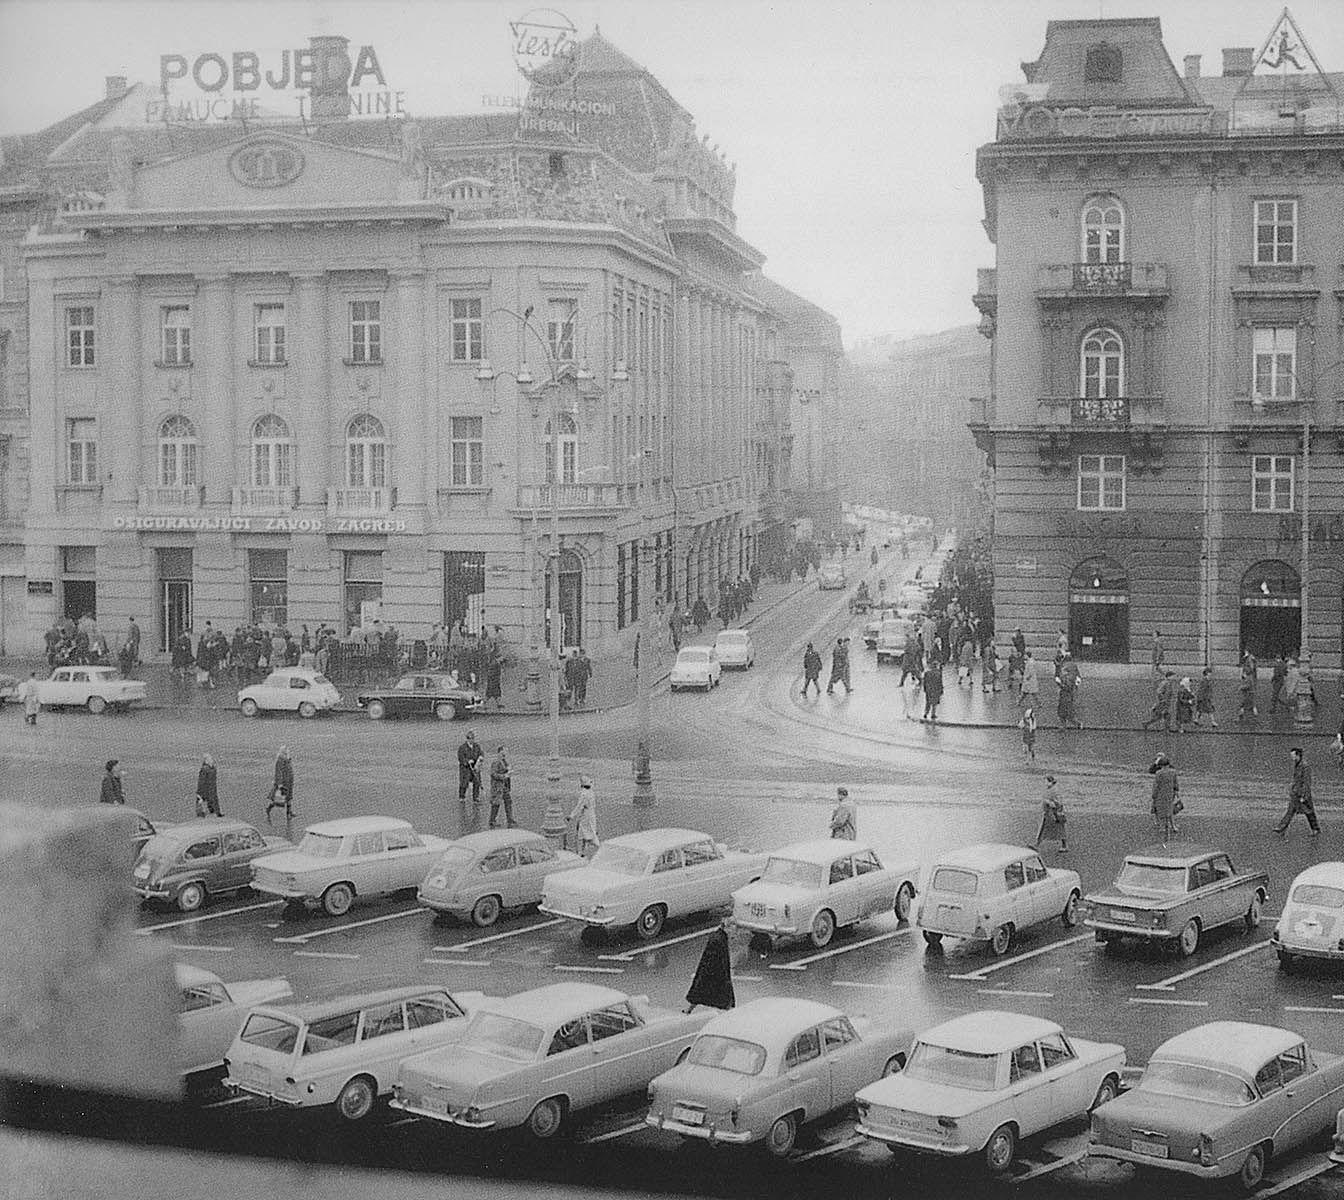 Zagreb 1970 Trg Republike Zagreb Zagreb Croatia Croatia